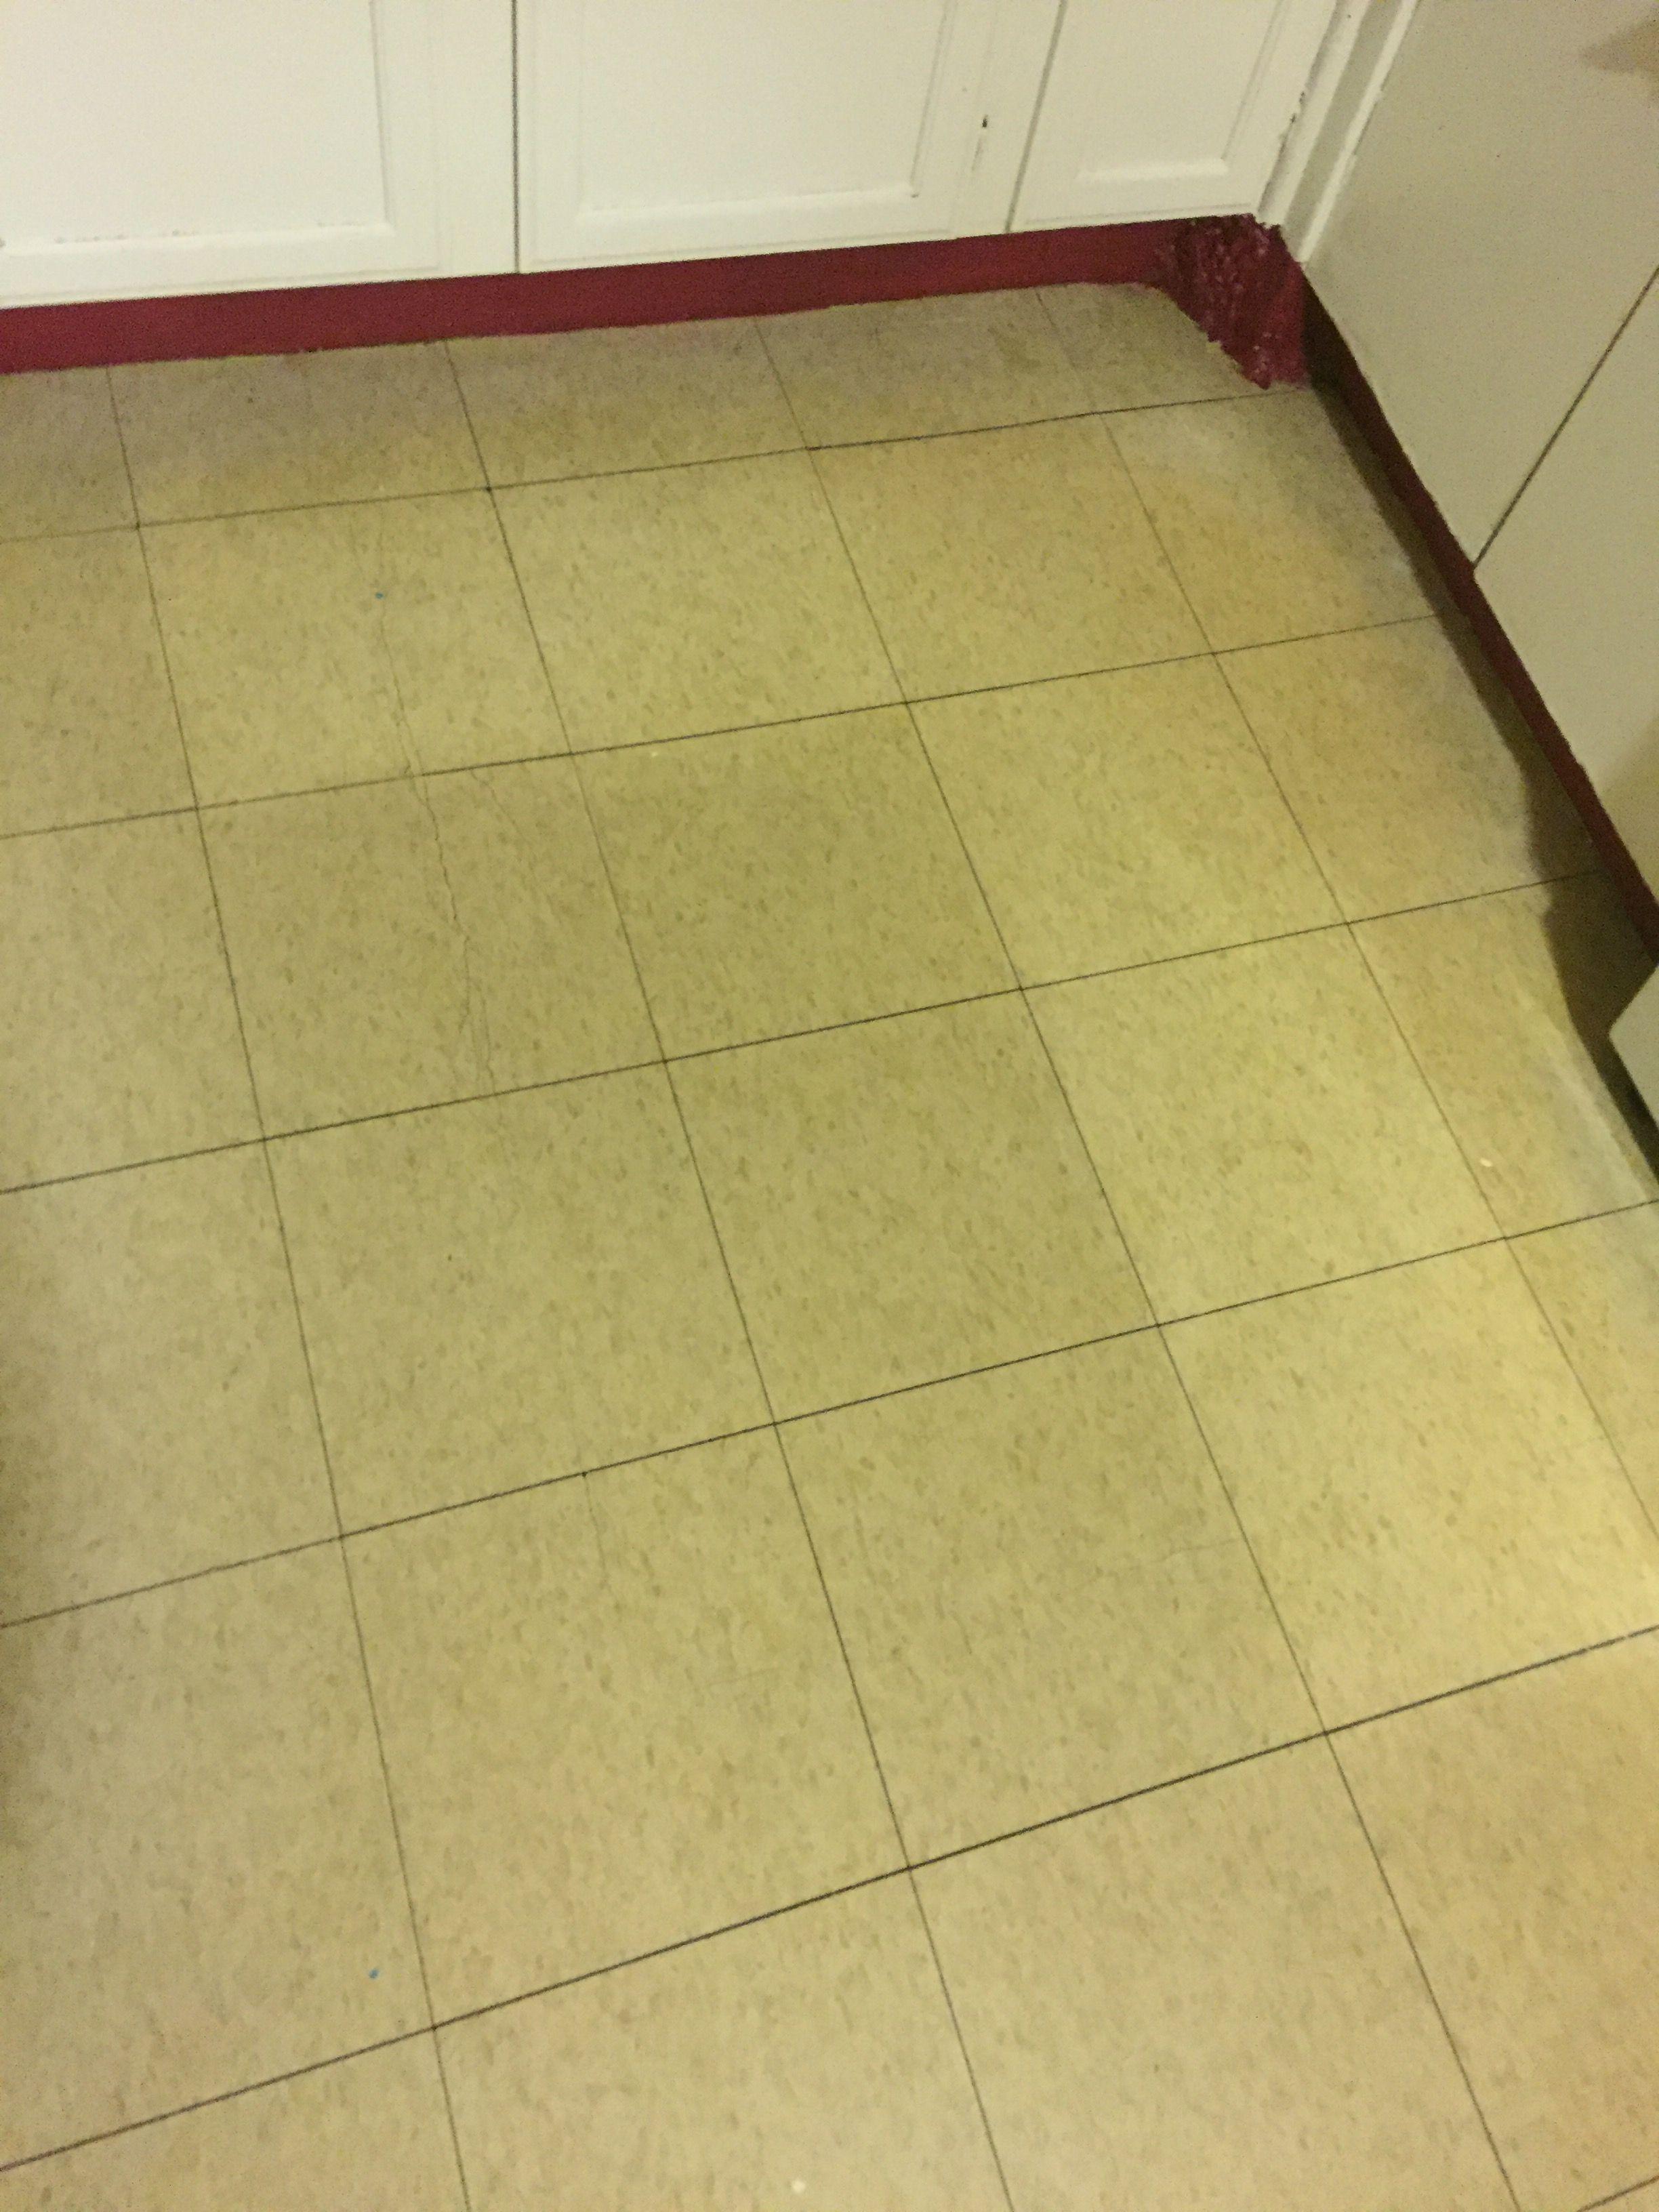 Ajax Powder W Bleach To Deep Clean Yellowing Vinyl Floor Cleaning Vinyl Floors Flooring Vinyl Flooring